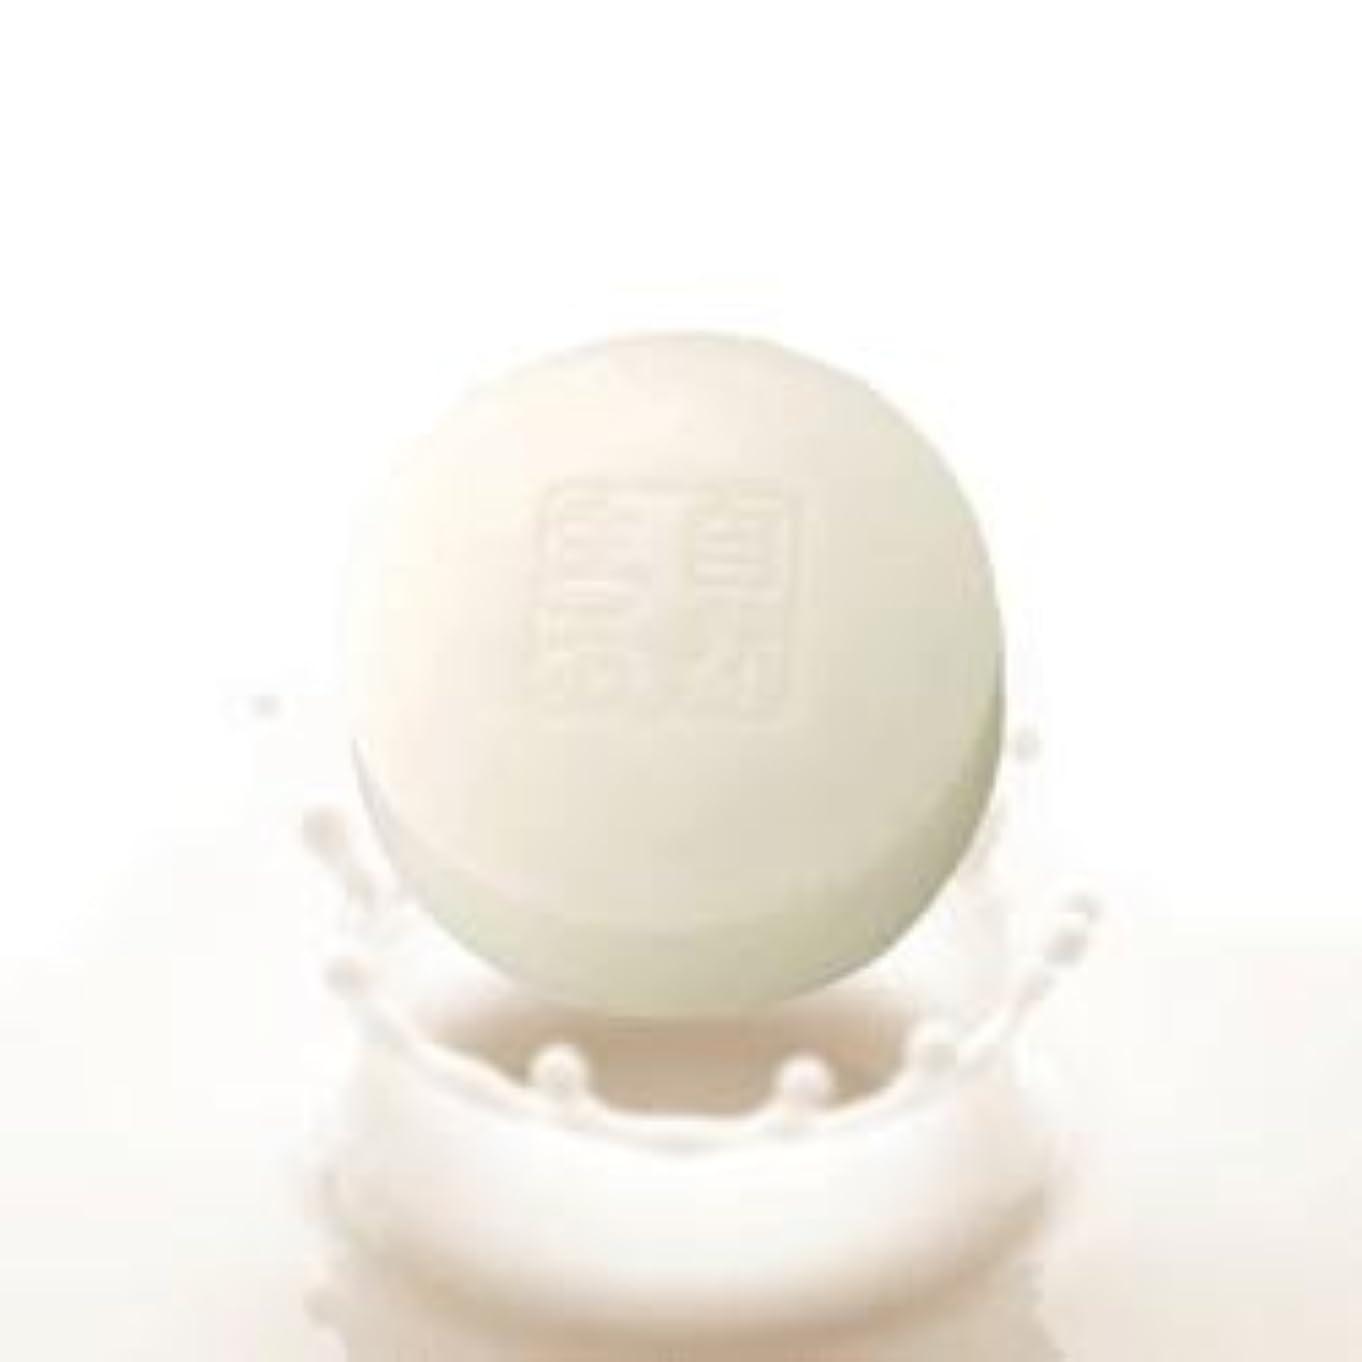 原子絶縁するアパート豆腐の盛田屋 豆乳せっけん 100g